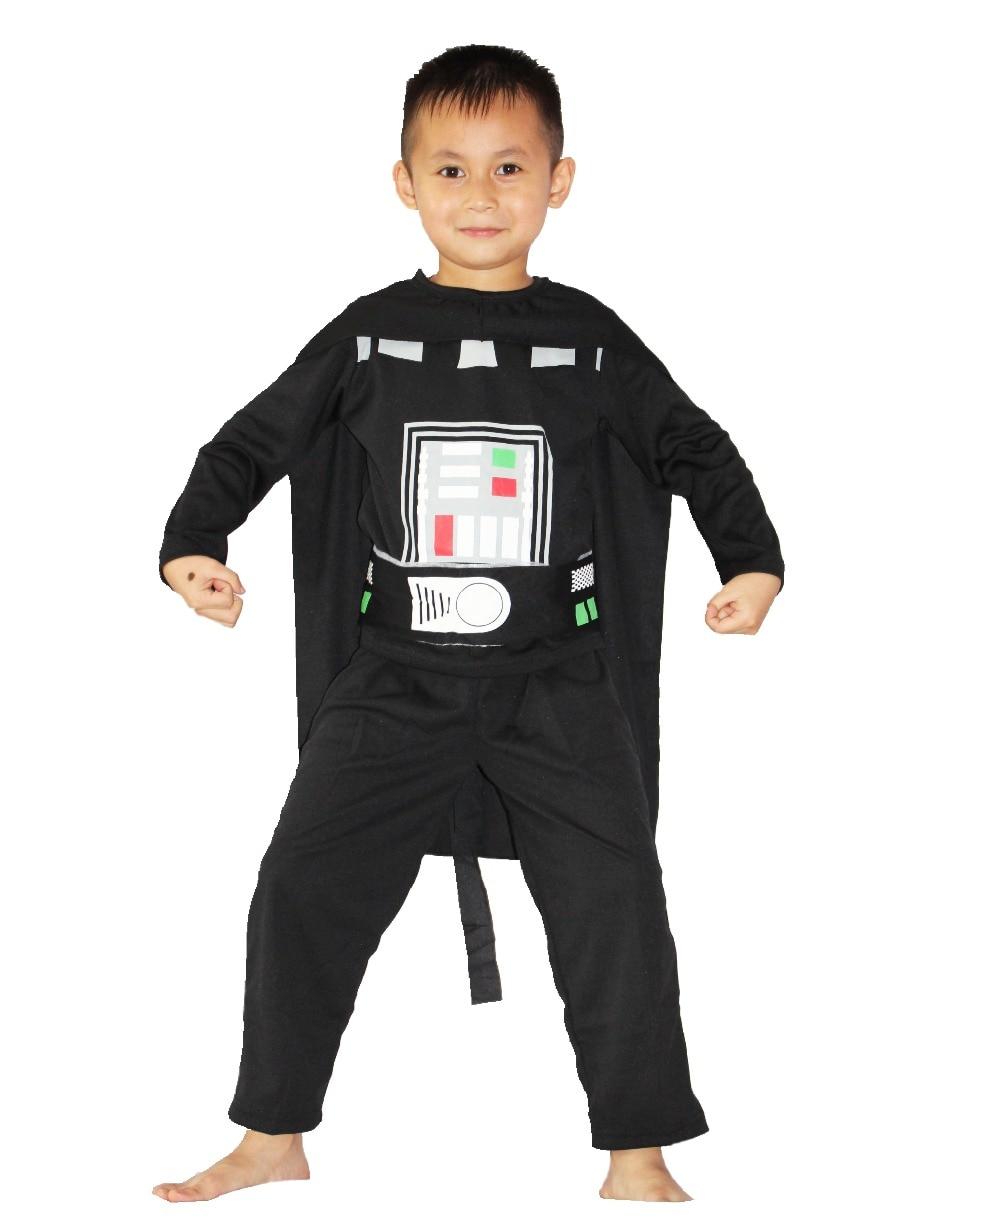 Մեծածախ / մանրածախ 3-7 տարեկան տղա - Կարնավալային հագուստները - Լուսանկար 1